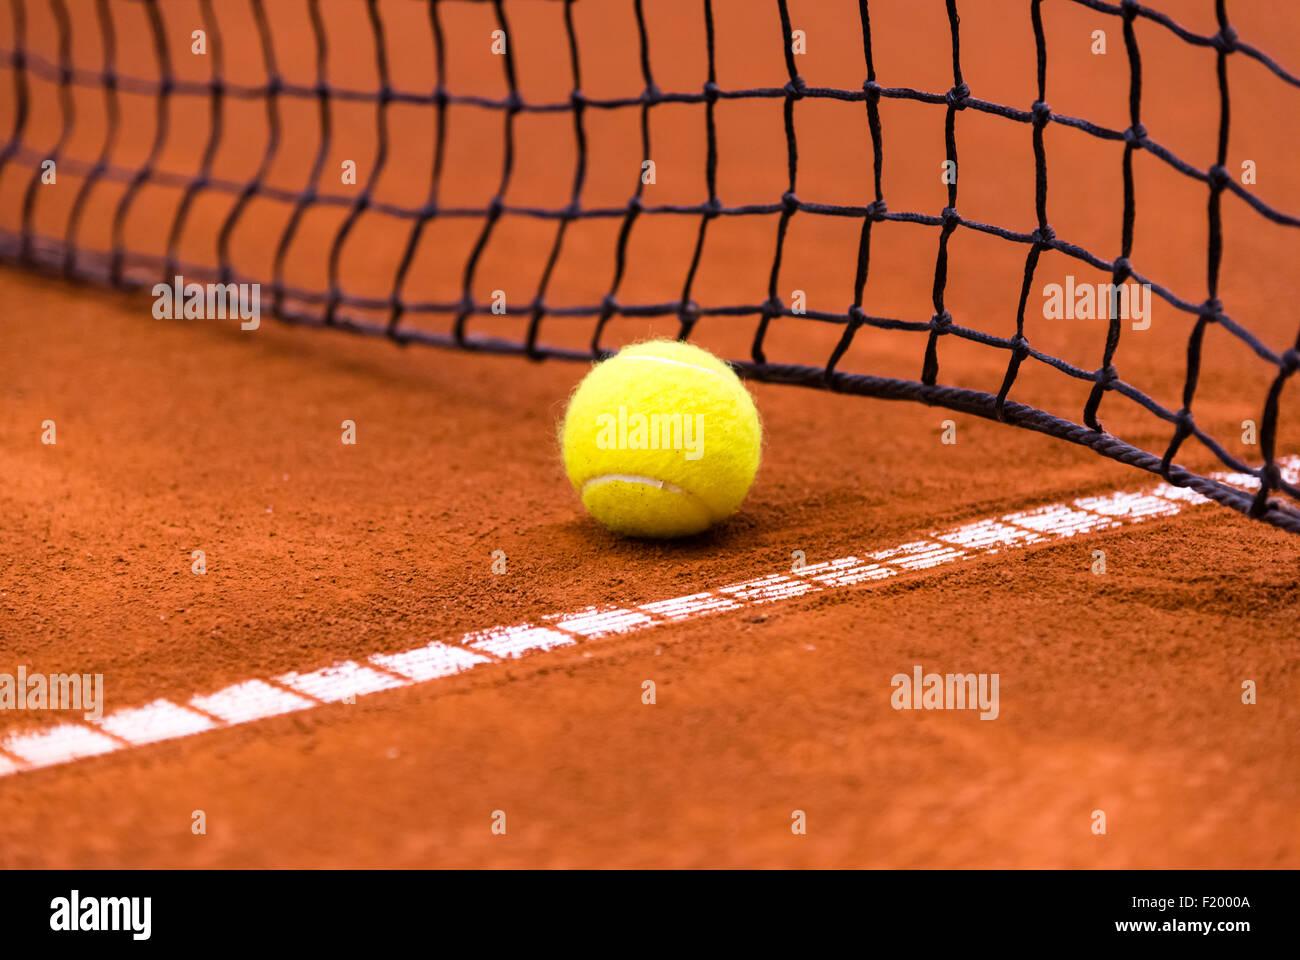 Giallo palla da tennis su una argilla rossa corte Immagini Stock